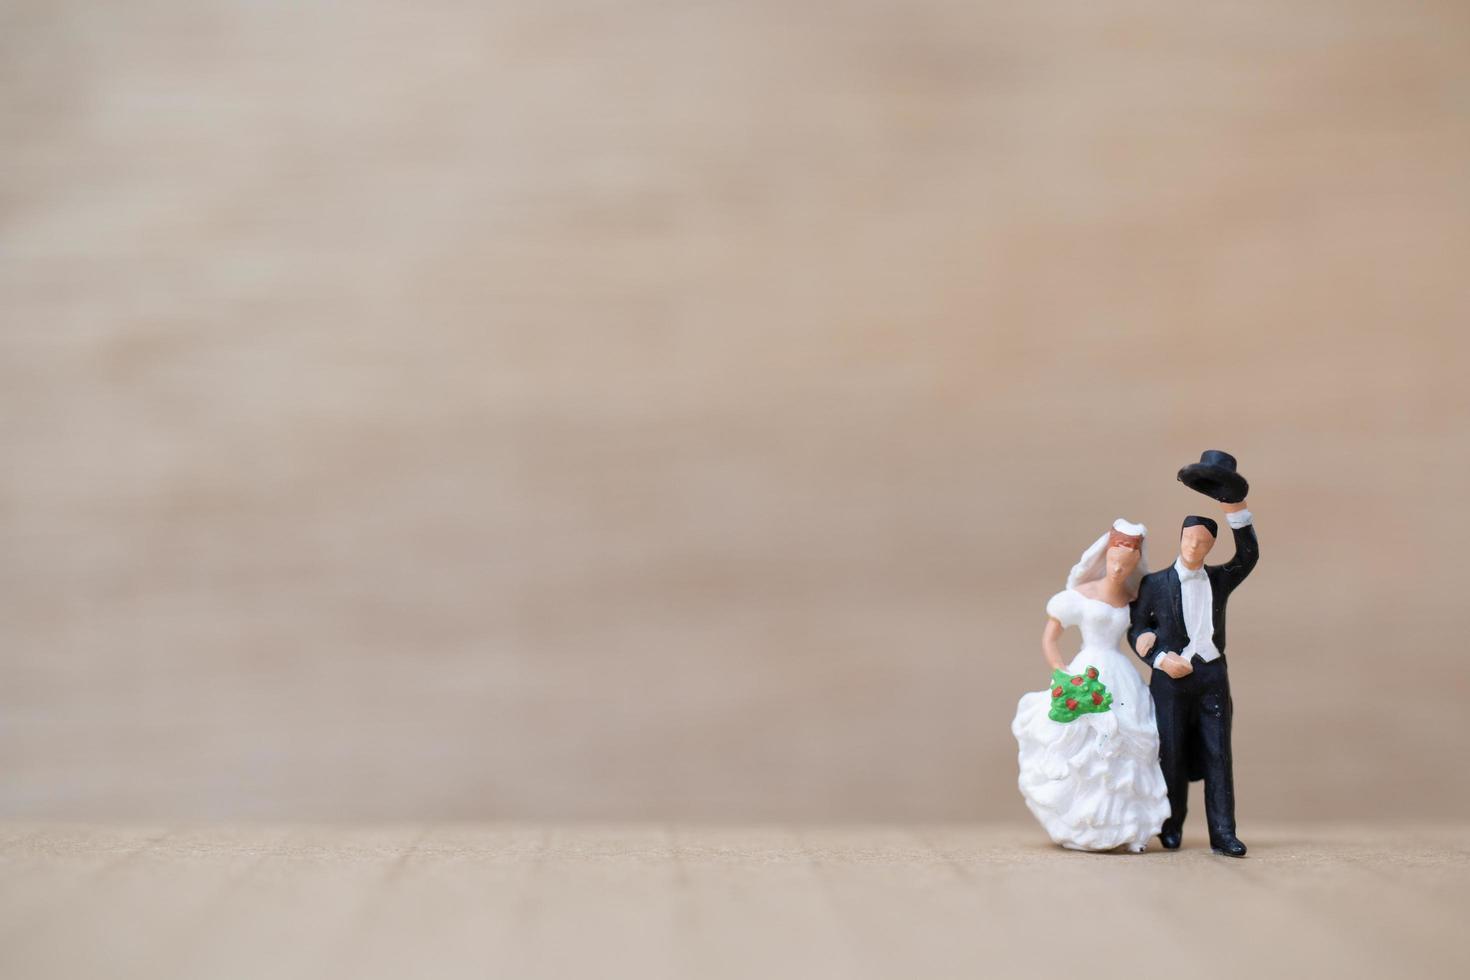 La novia y el novio en miniatura sobre un fondo de madera foto